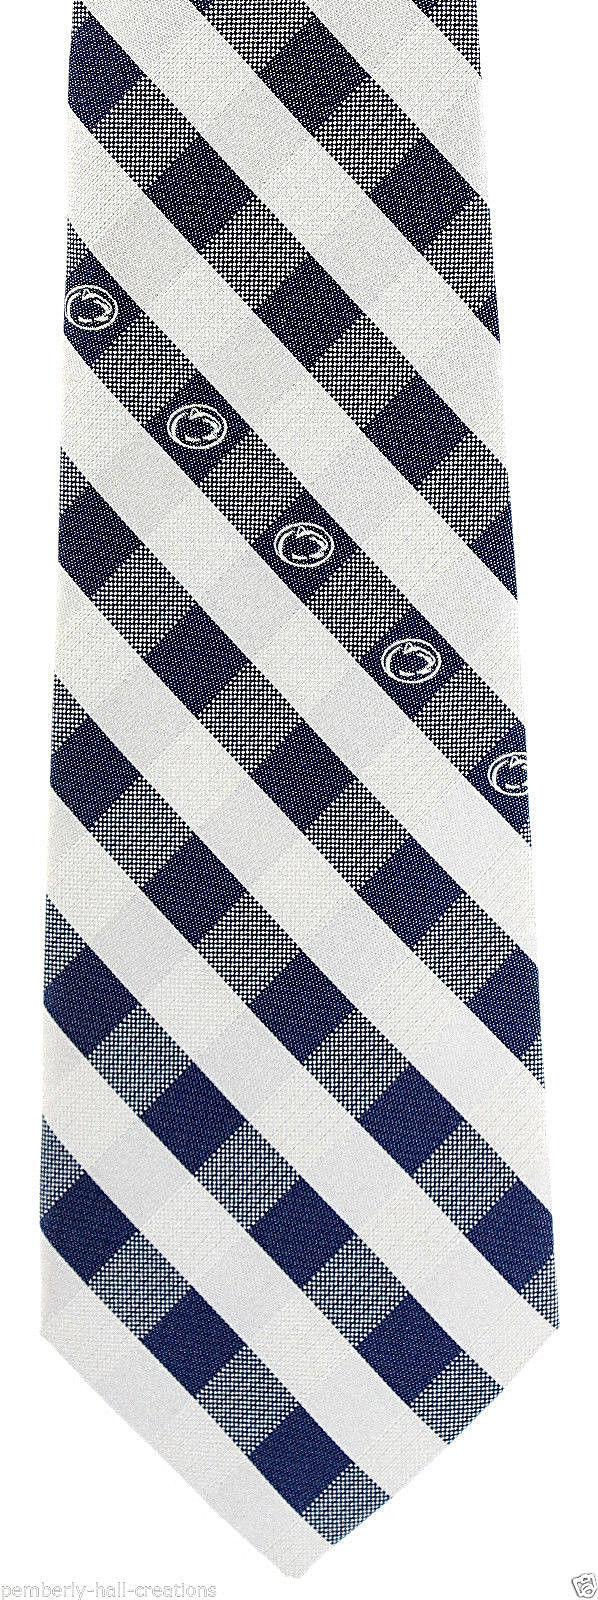 Syracuse Orange /'Cuse Men/'s Necktie College University Logo Rhodes Blue Neck Tie